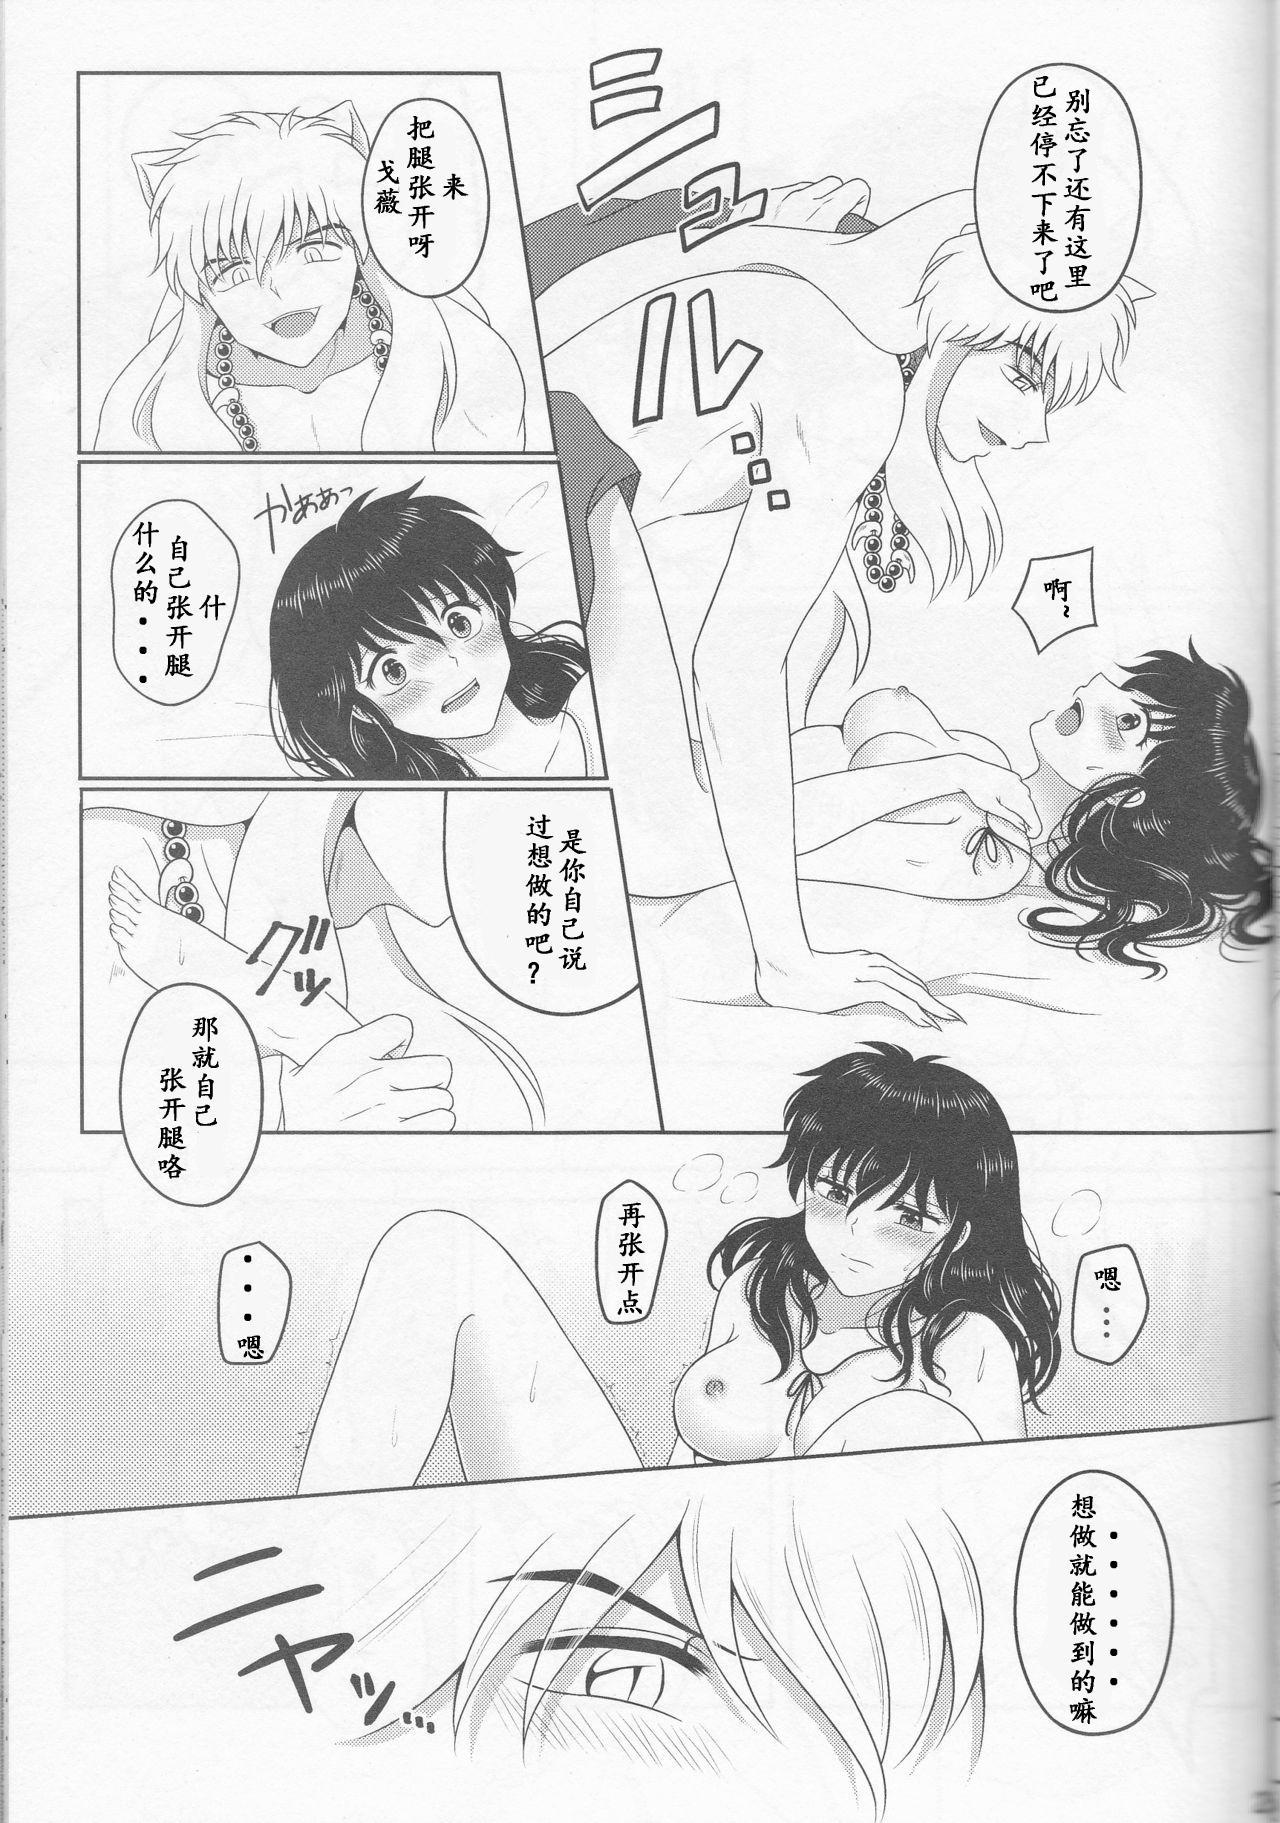 Koi Gusuri - Love drug 23